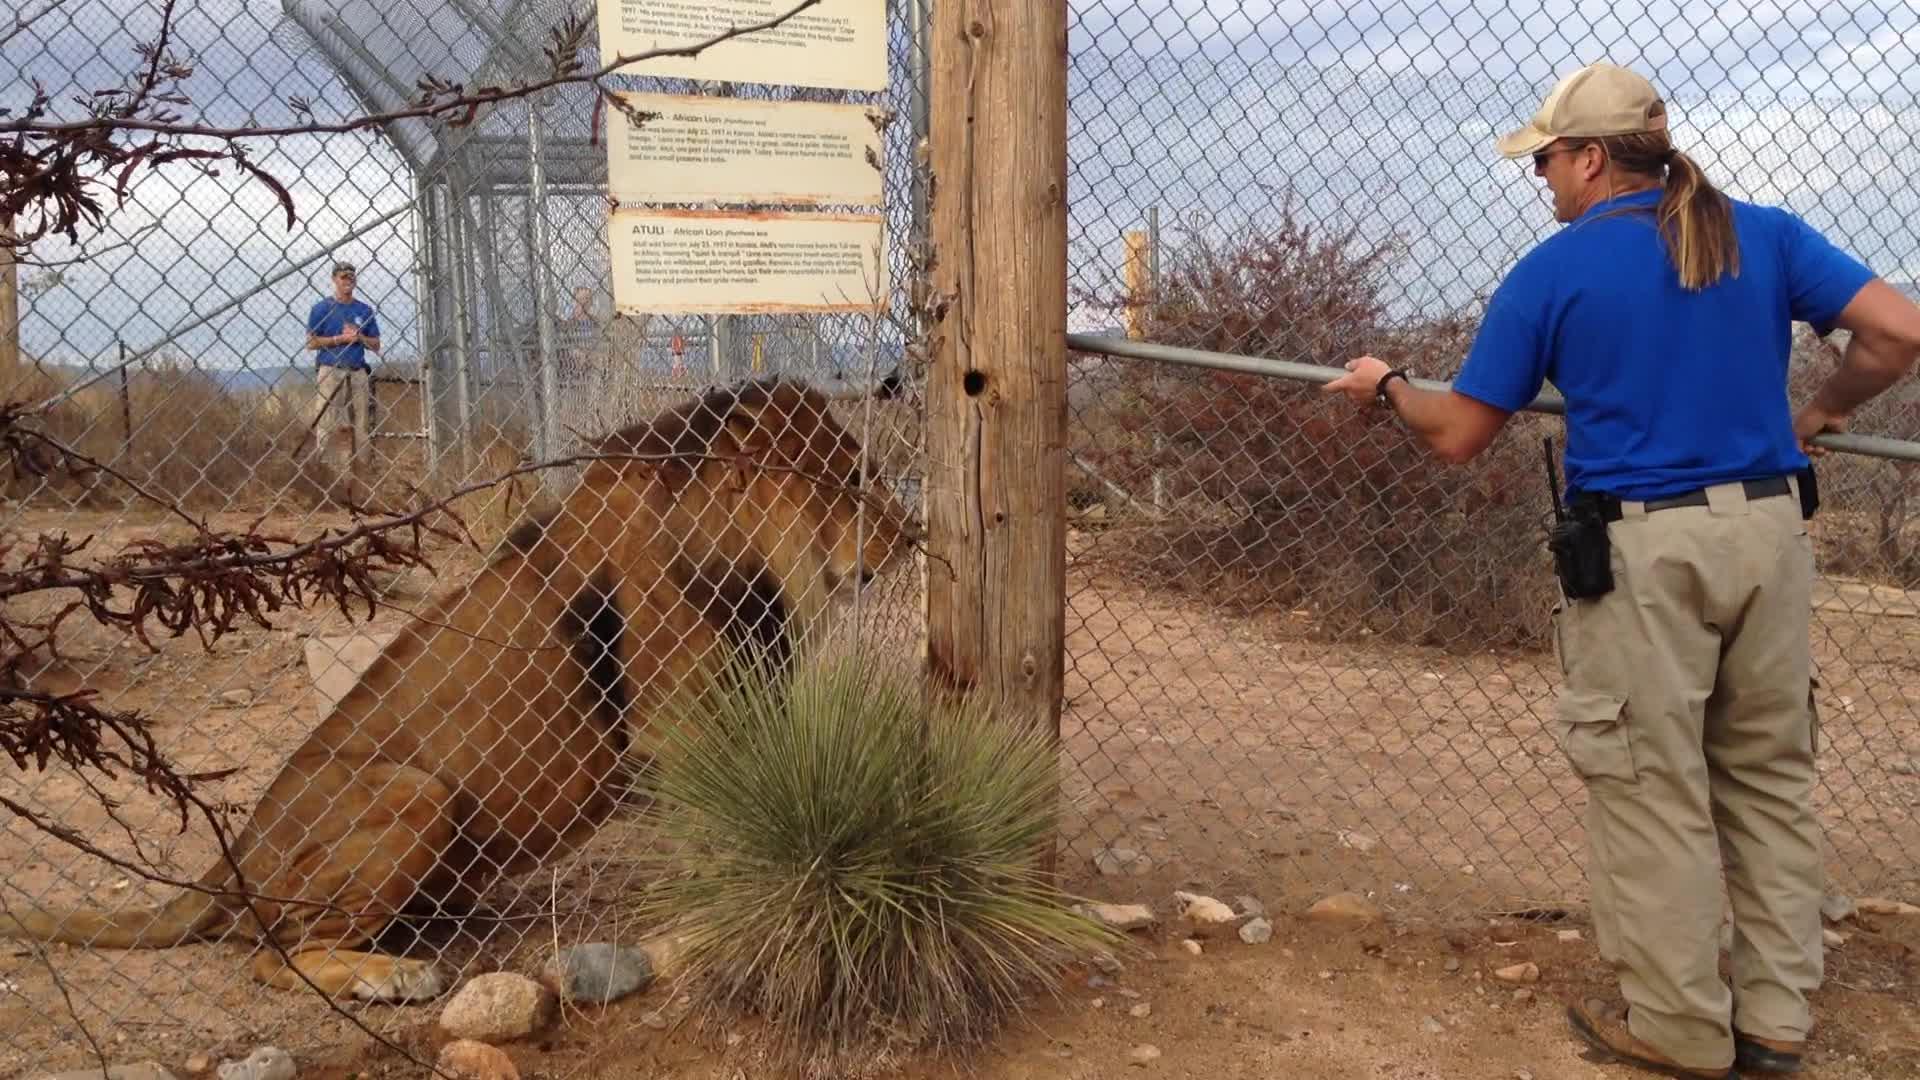 Løven fikk nok av dyrepasseren